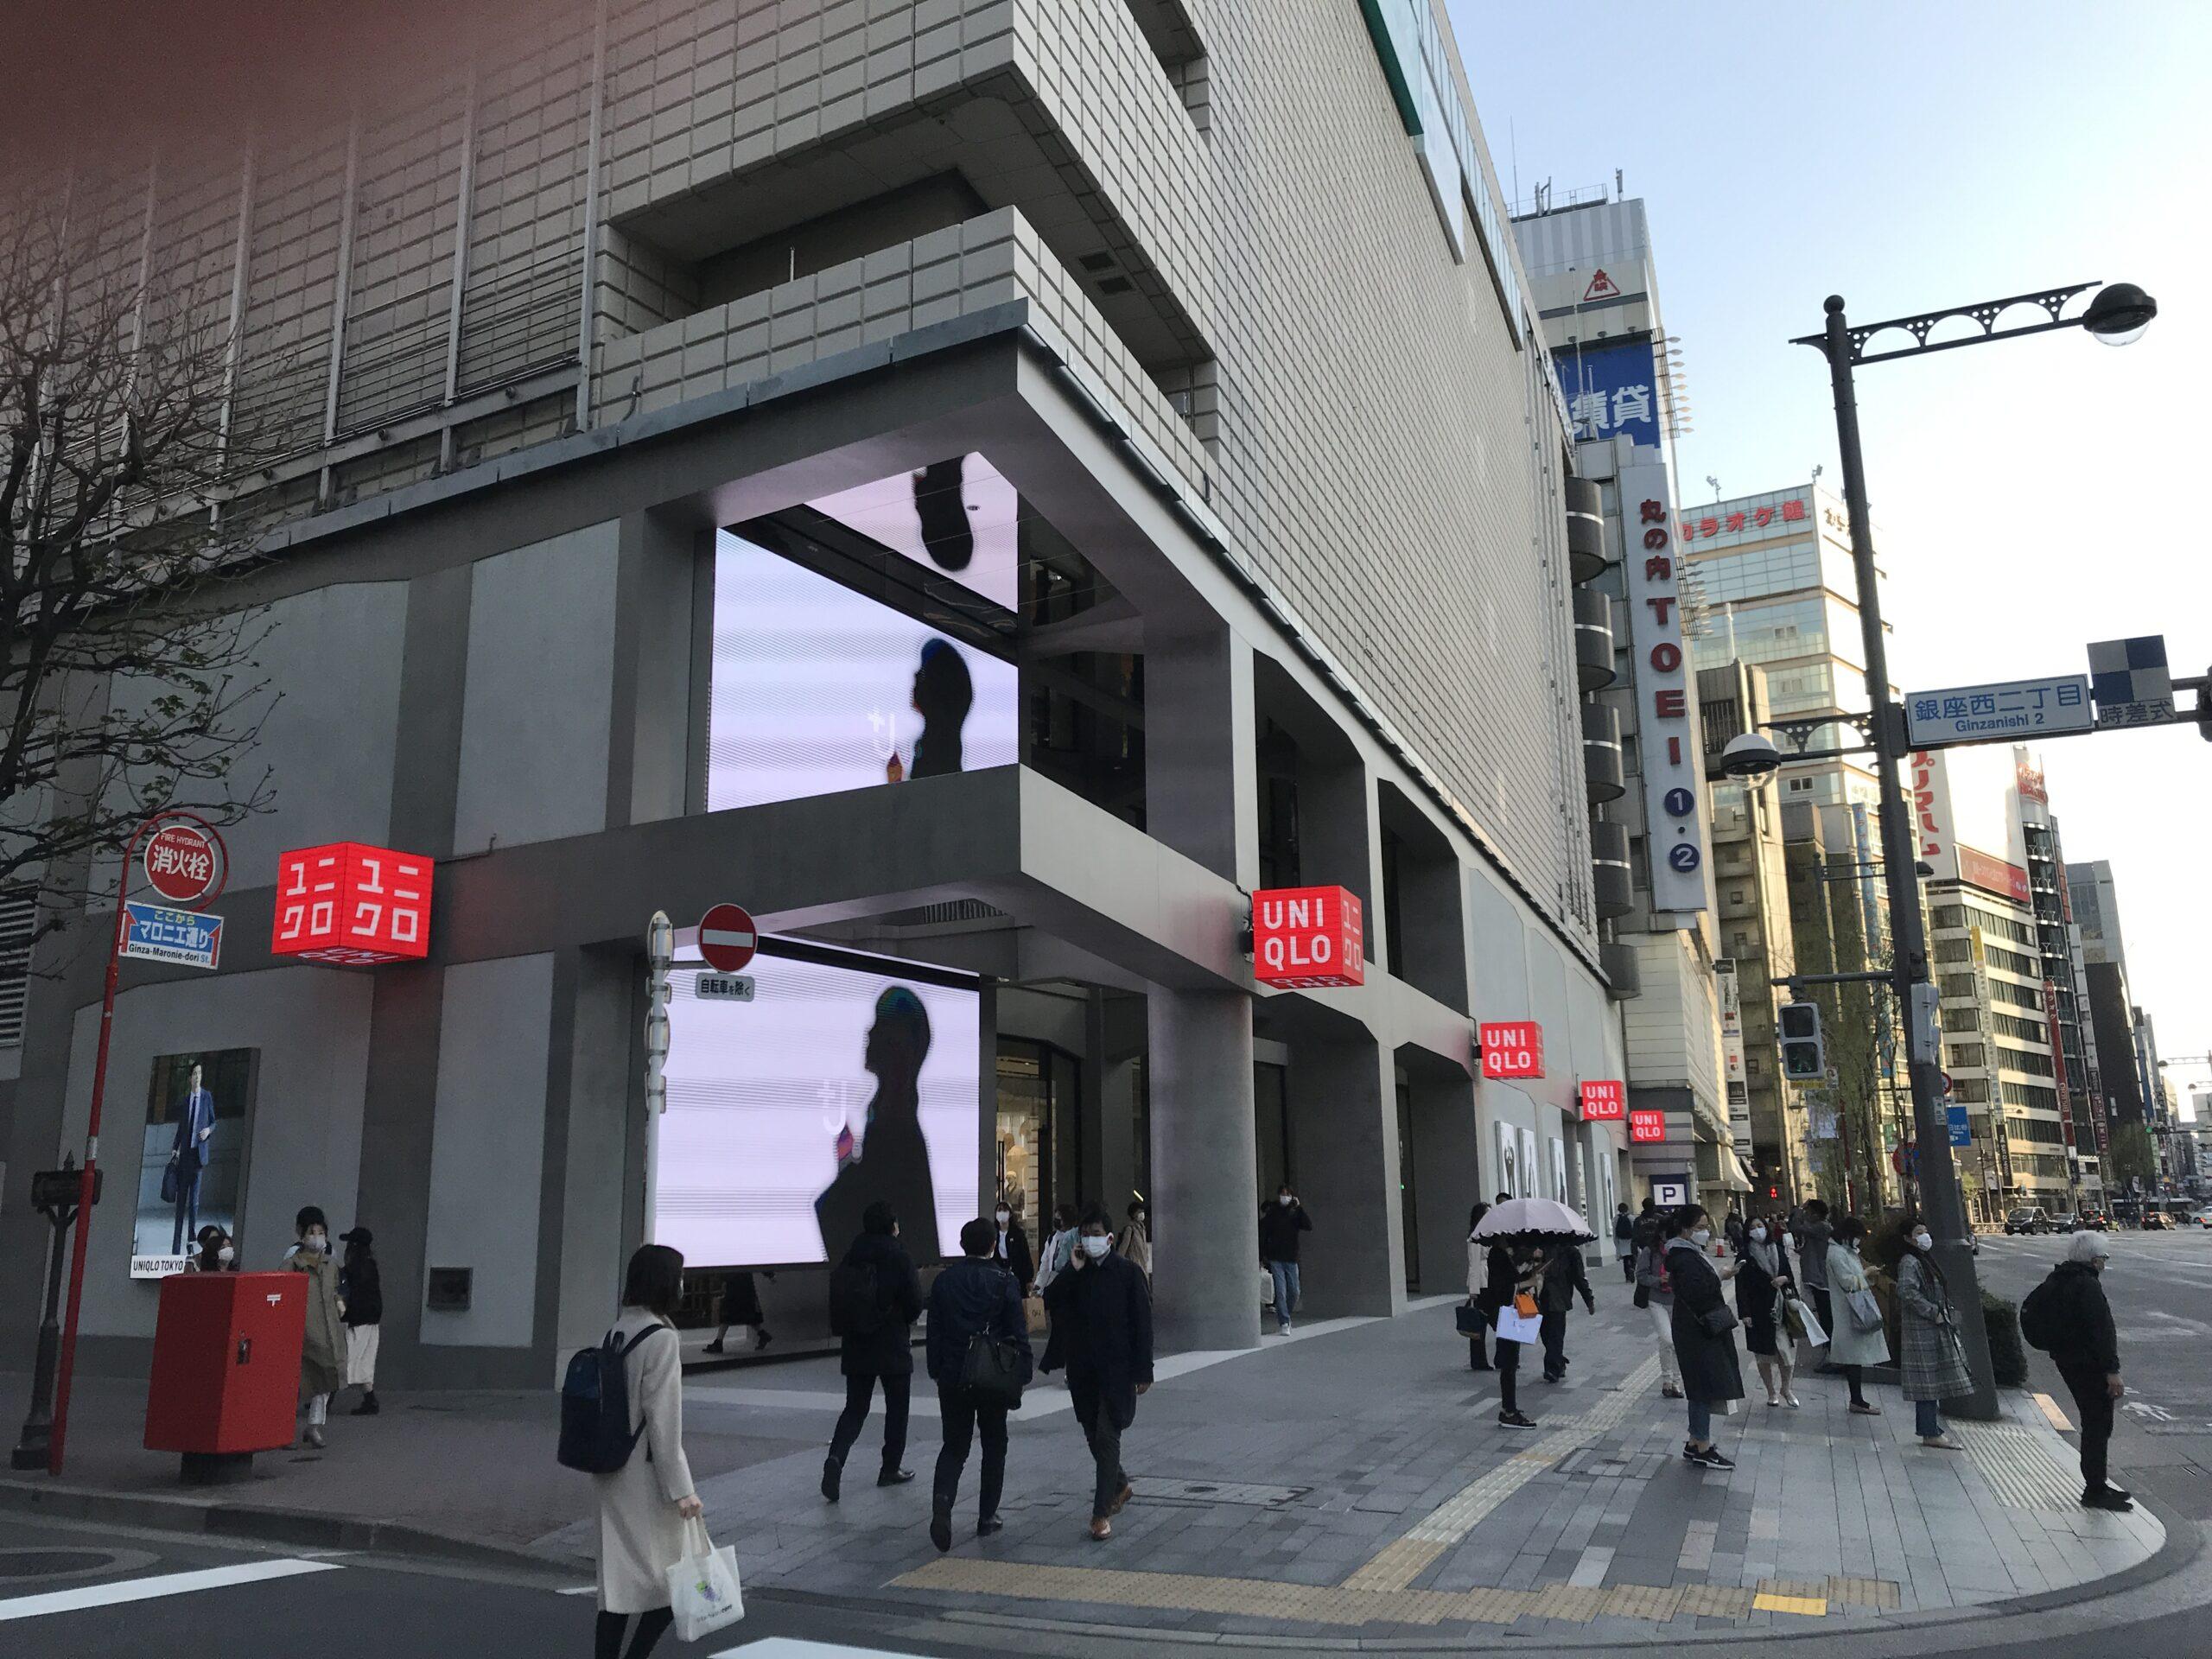 """""""ヘルツォーク&ド・ムーロン""""UNIQLO TOKYO"""